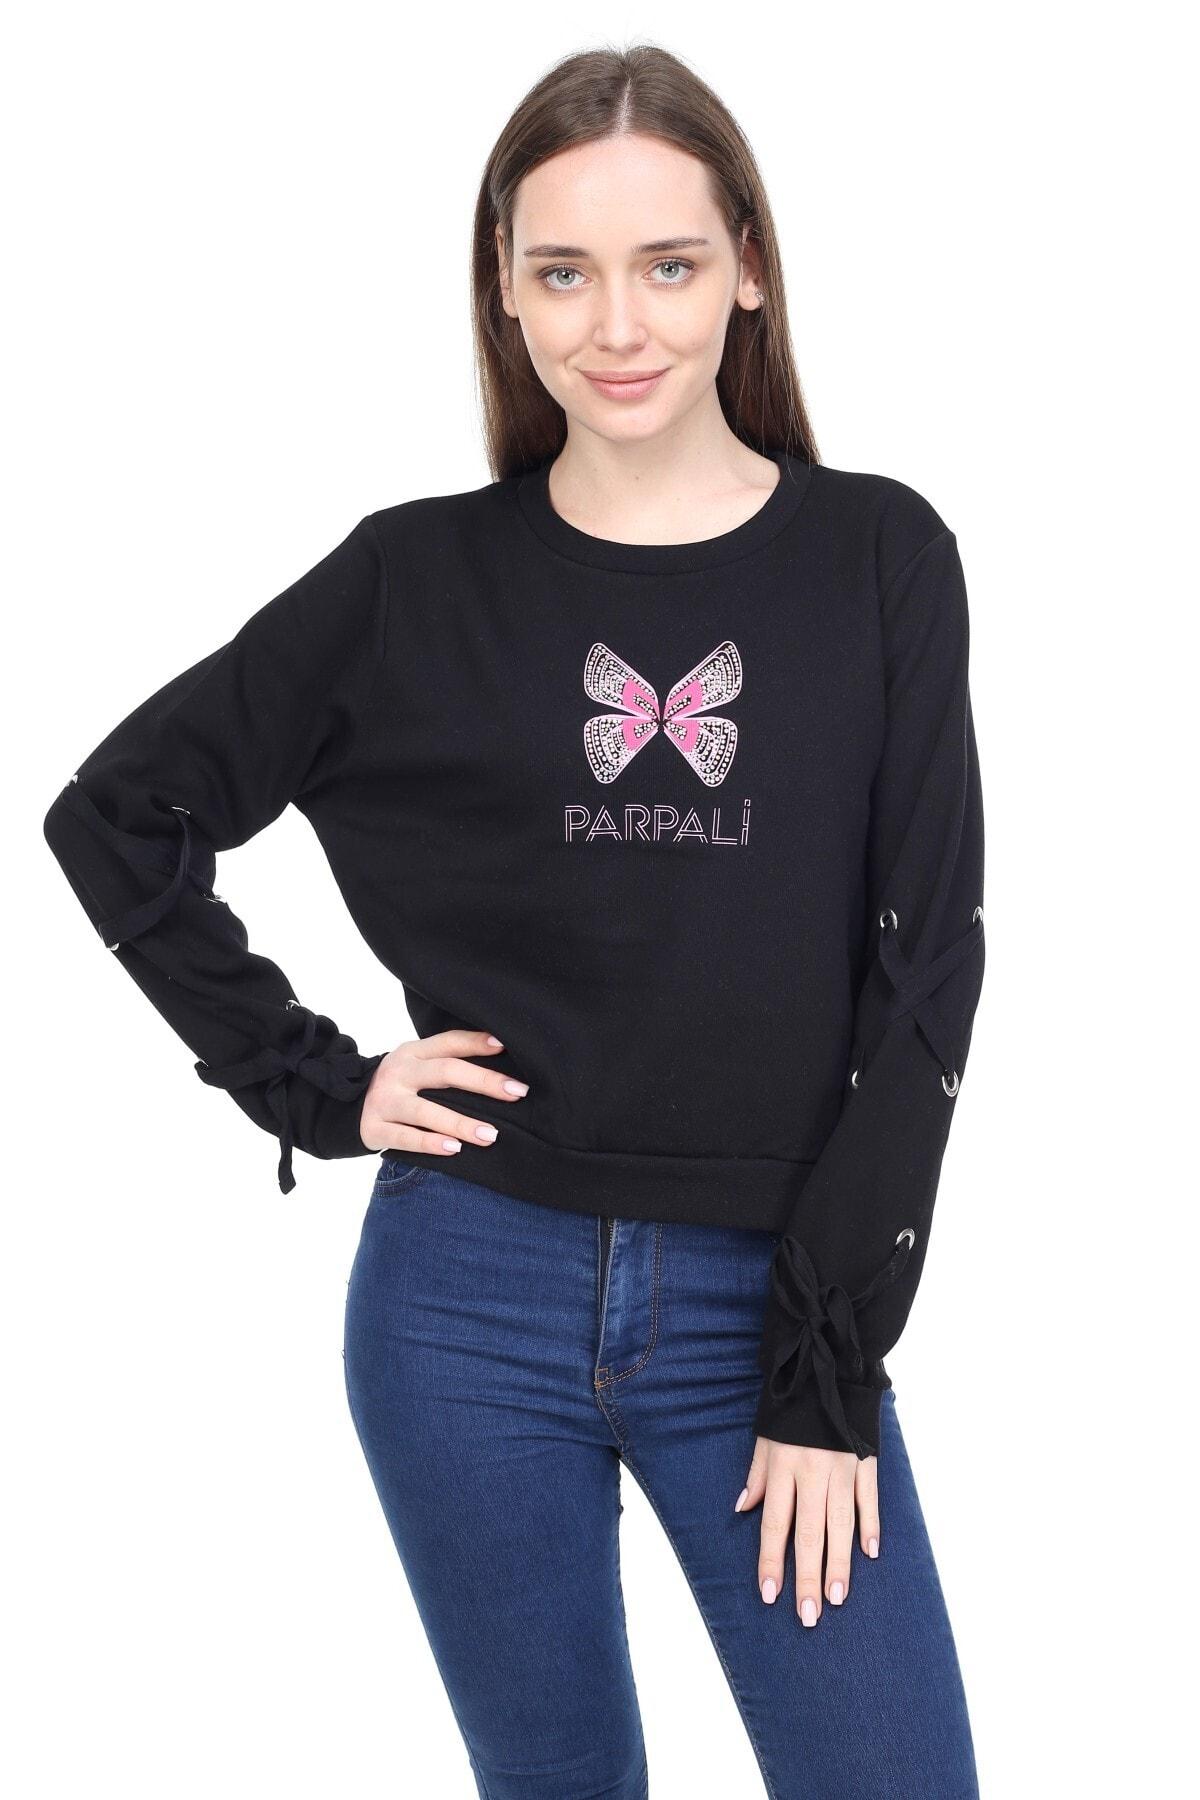 PARPALİ Kadın Siyah Kol Detaylı Mini Bel Üstü Taşlı Baskılı Pamuklu Kelebek Sweatshirt 1